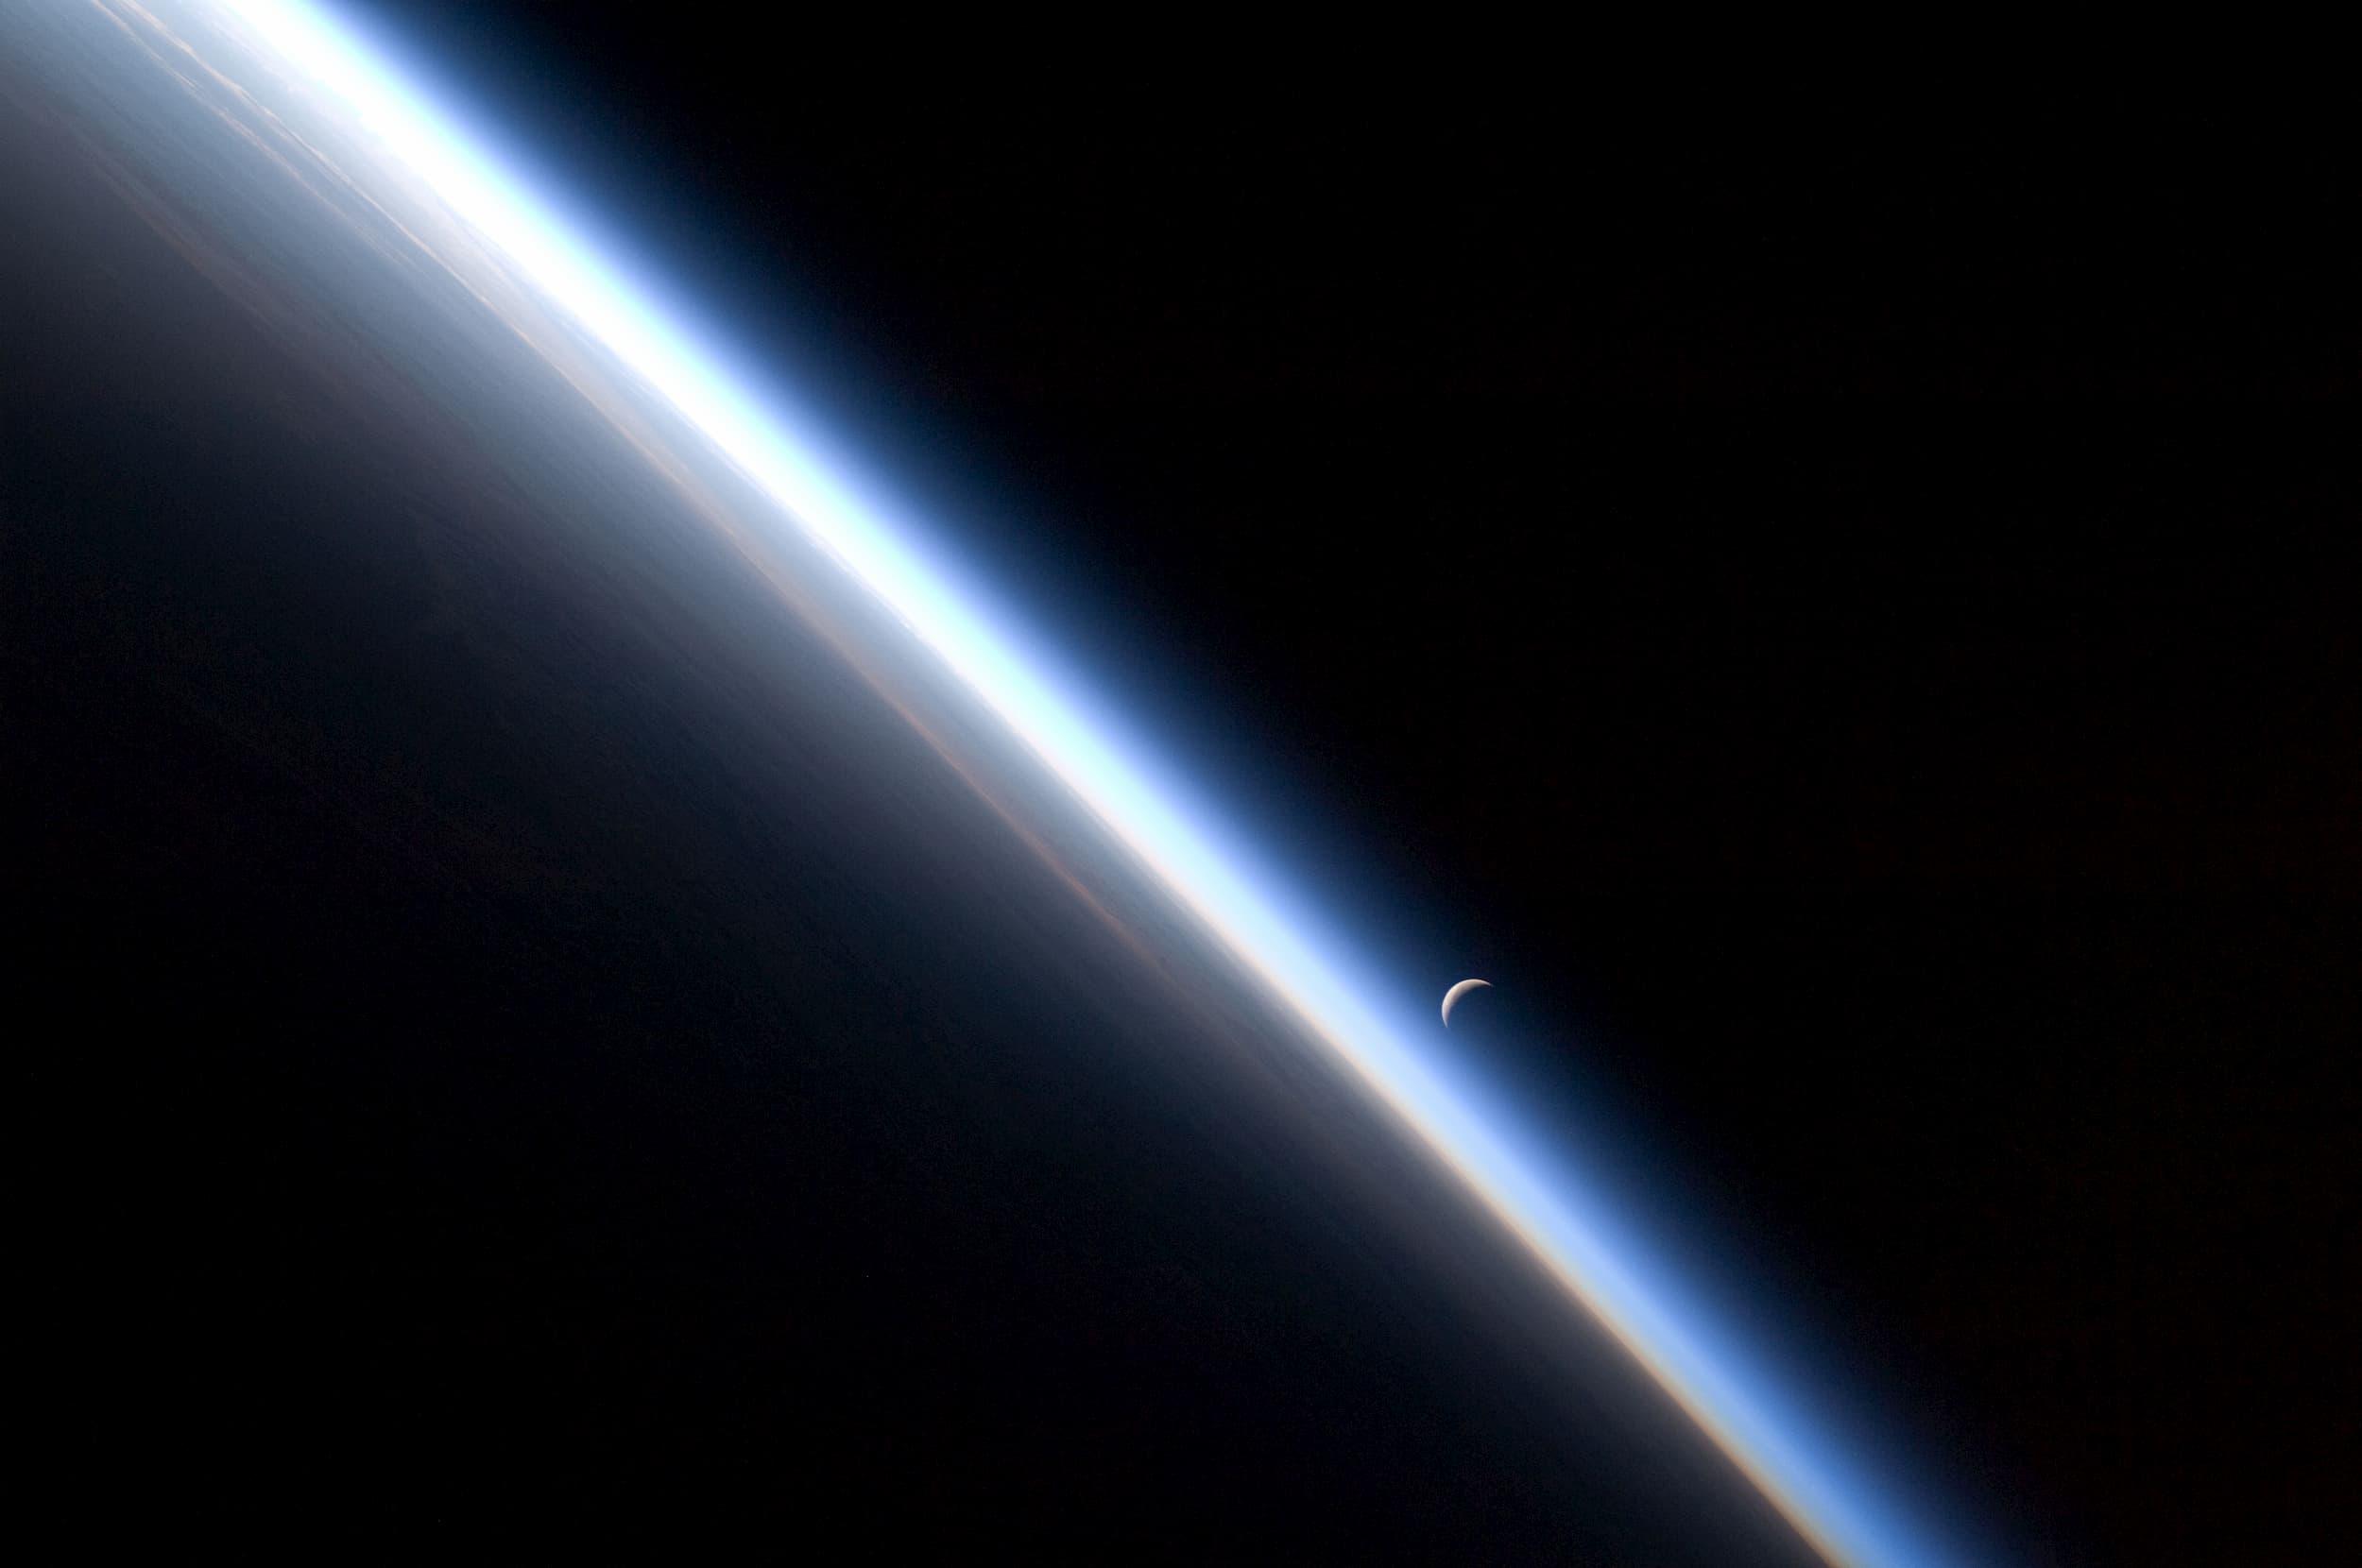 האטמוספרה בכדור הארץ: קחו נשימה עמוקה